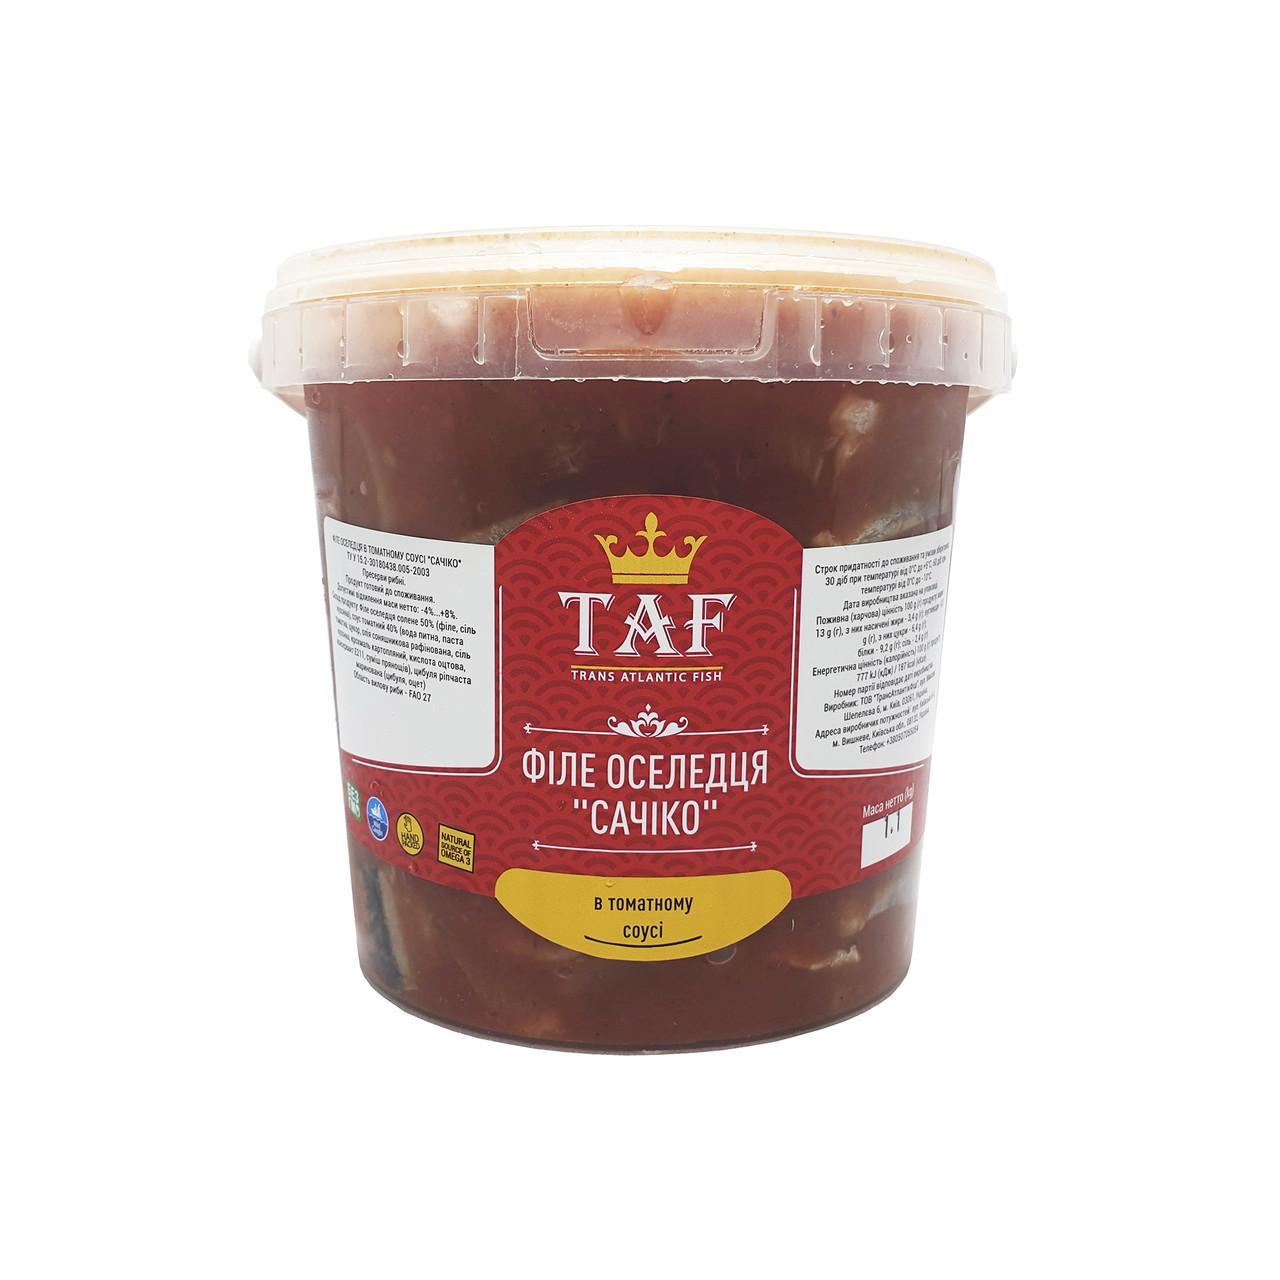 Сельдь кусочки в томатном соусе 1.1 кг ведро